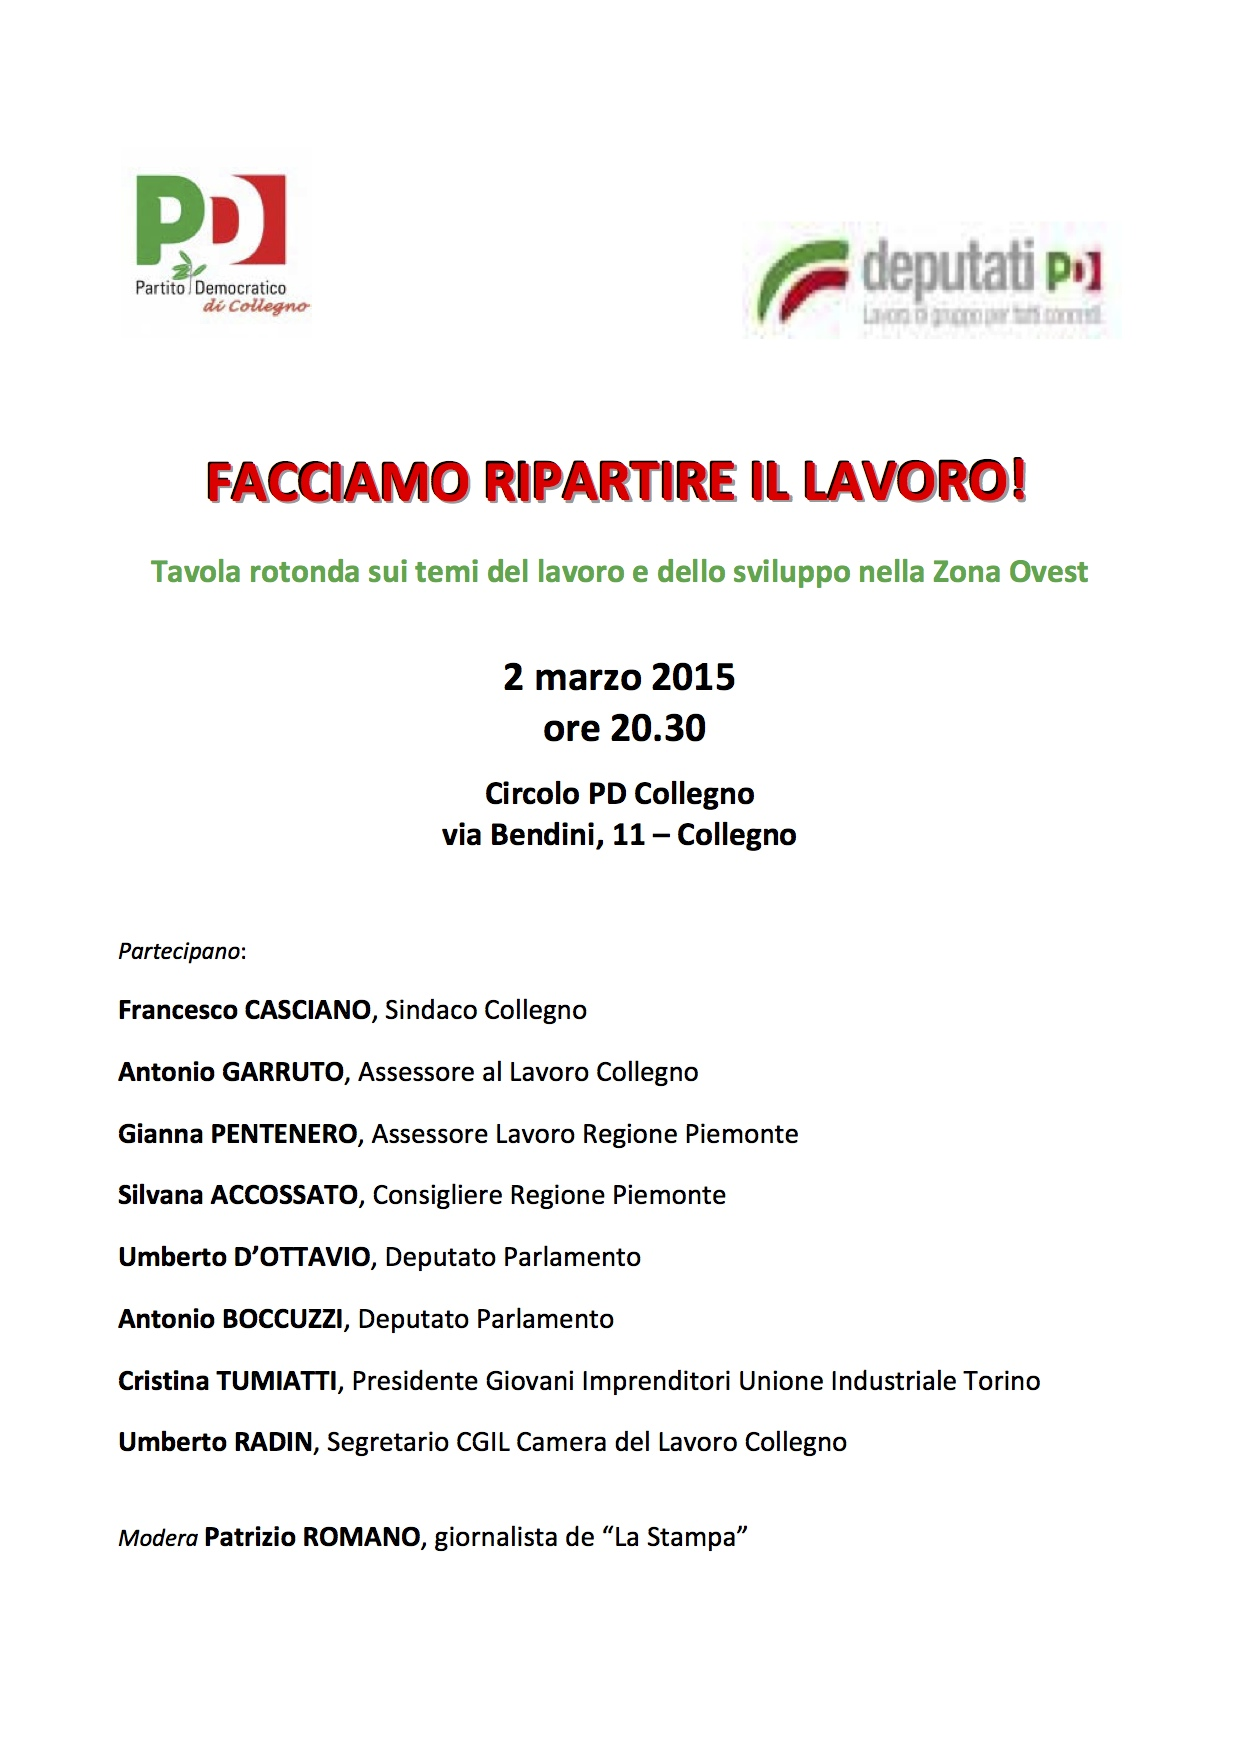 locandina 2 marzo 2015